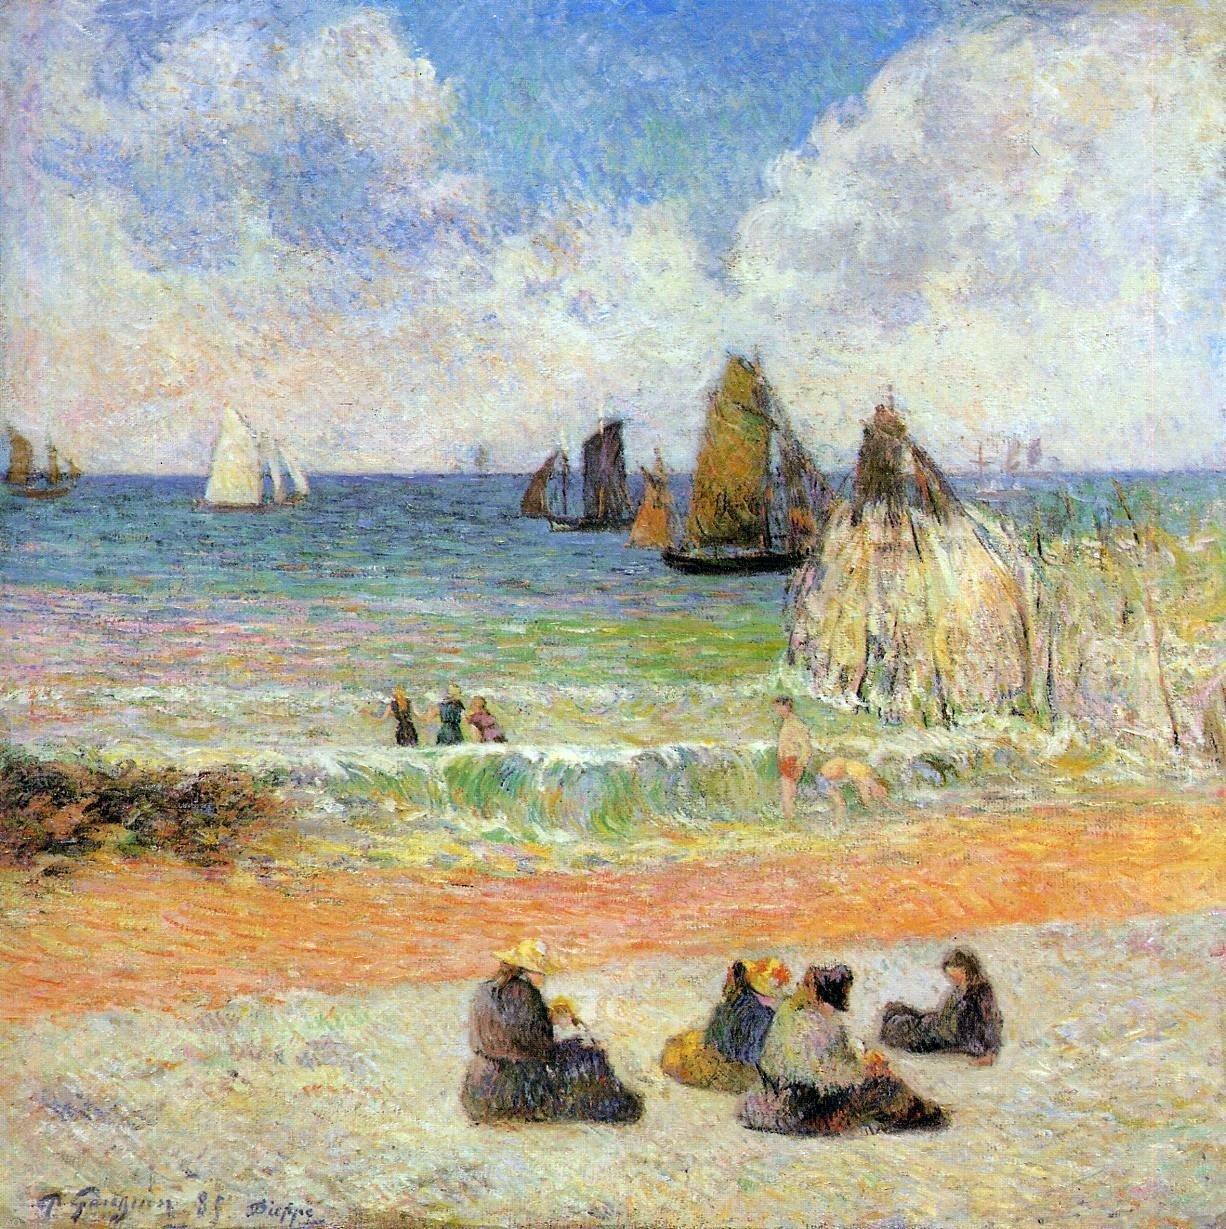 Морской пейзаж < Купание, Дьепп >  :: Поль Гоген [ живопись постимпрессионизм ] - Paul Gauguin фото